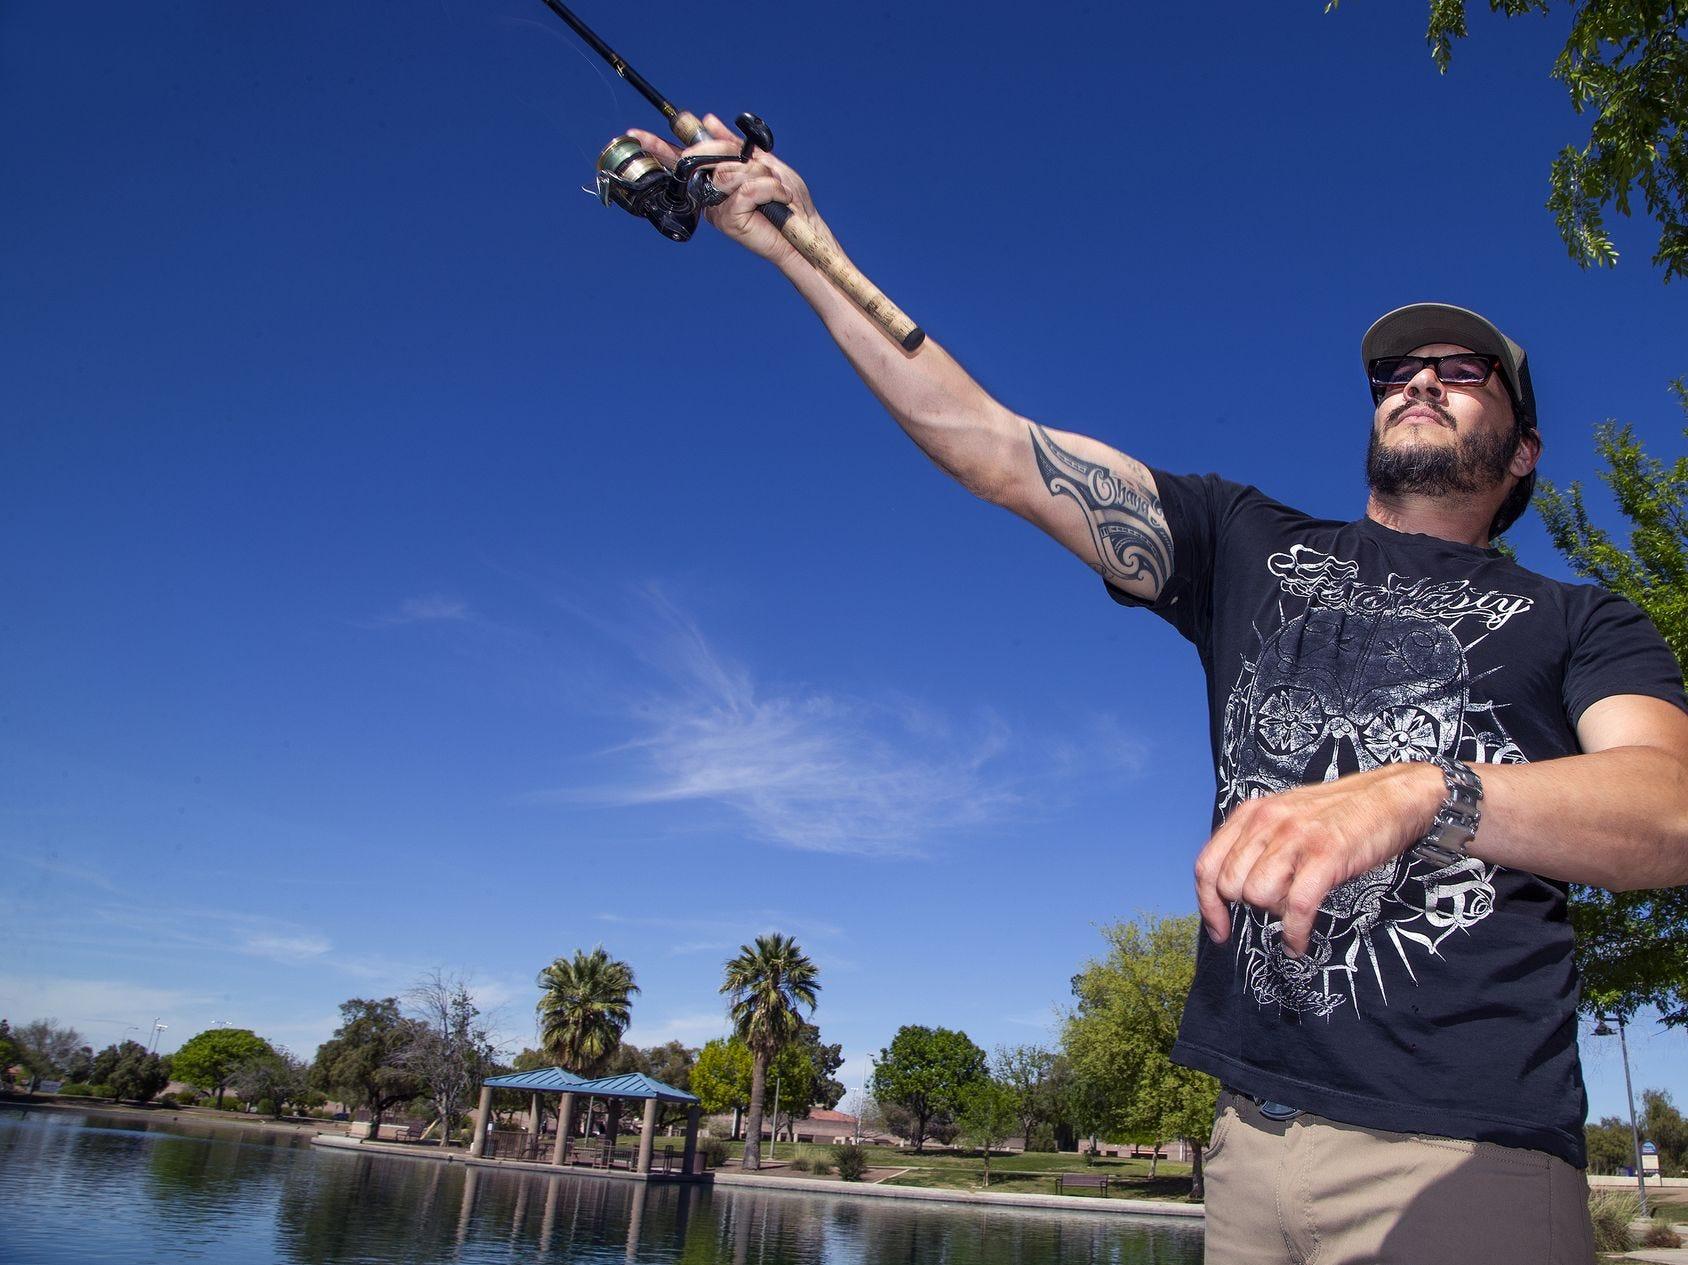 Kyle Cohen, de 37 años, con su caña de pescar en el estanque en el parque Desert Breeze en Chandler el lunes 8 de abril de 2019. Las temperaturas en los 90 fueron un buen día para pescar.